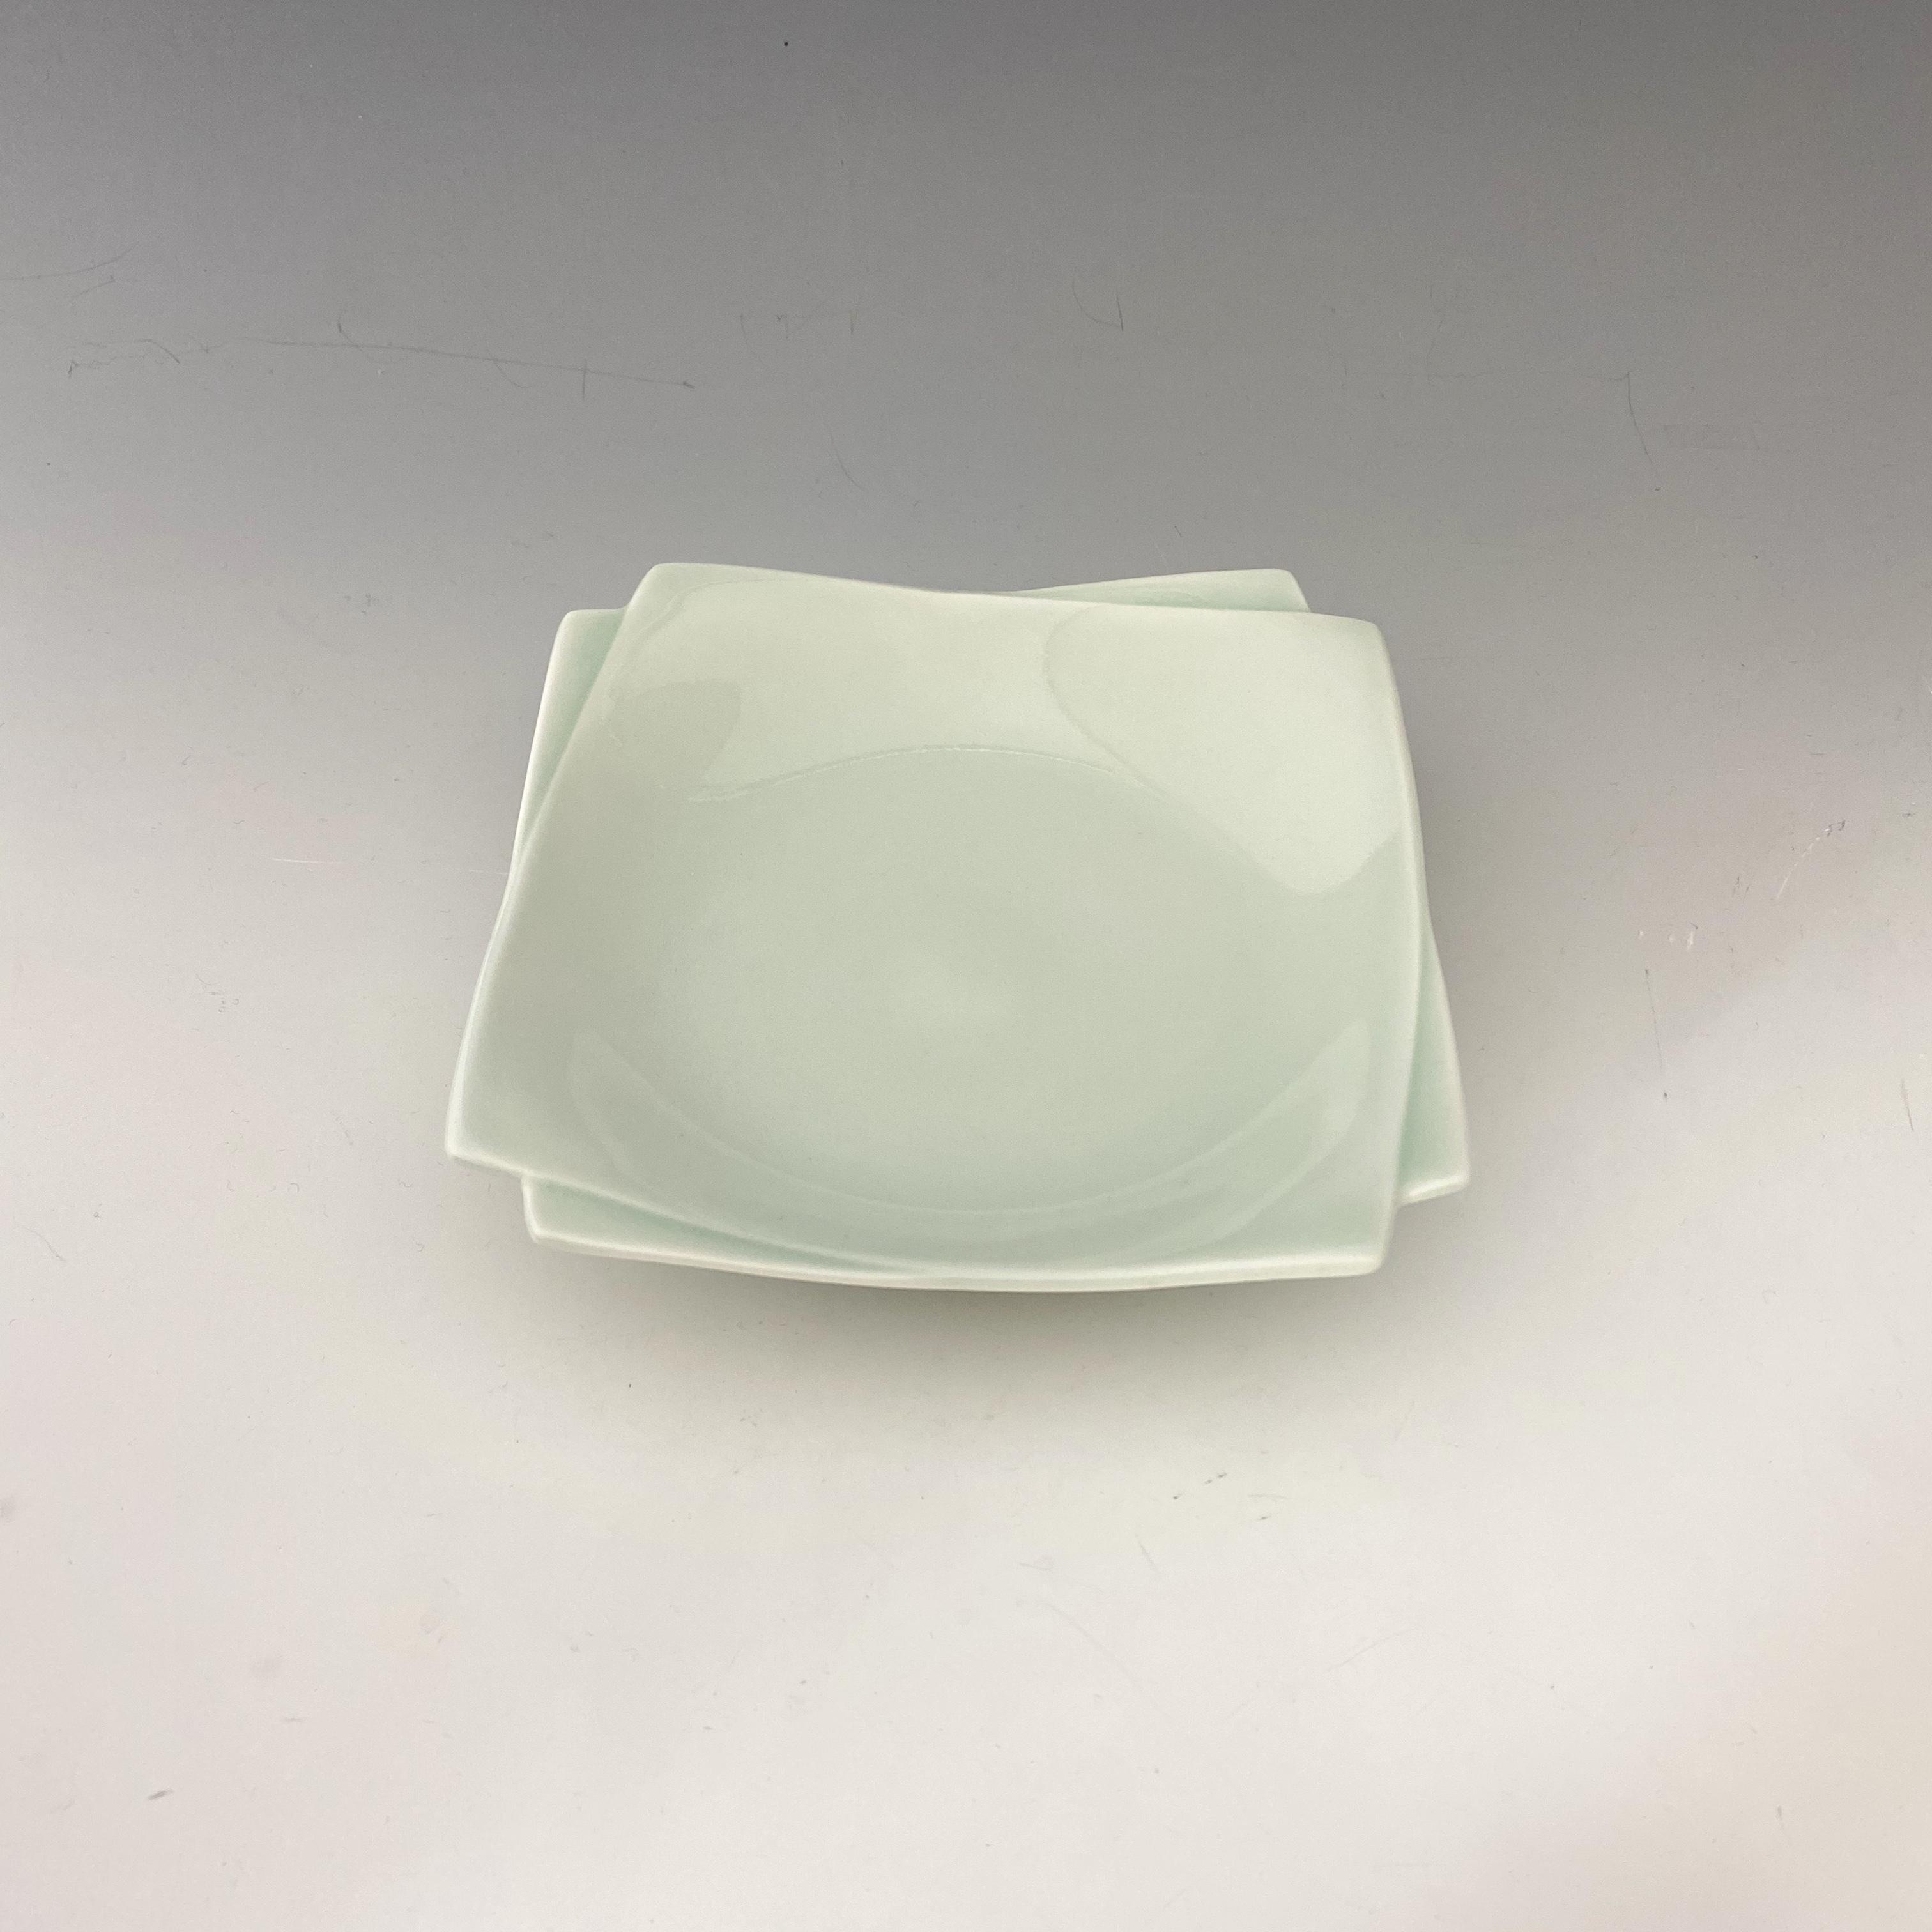 【中尾純】青白磁角皿(小)